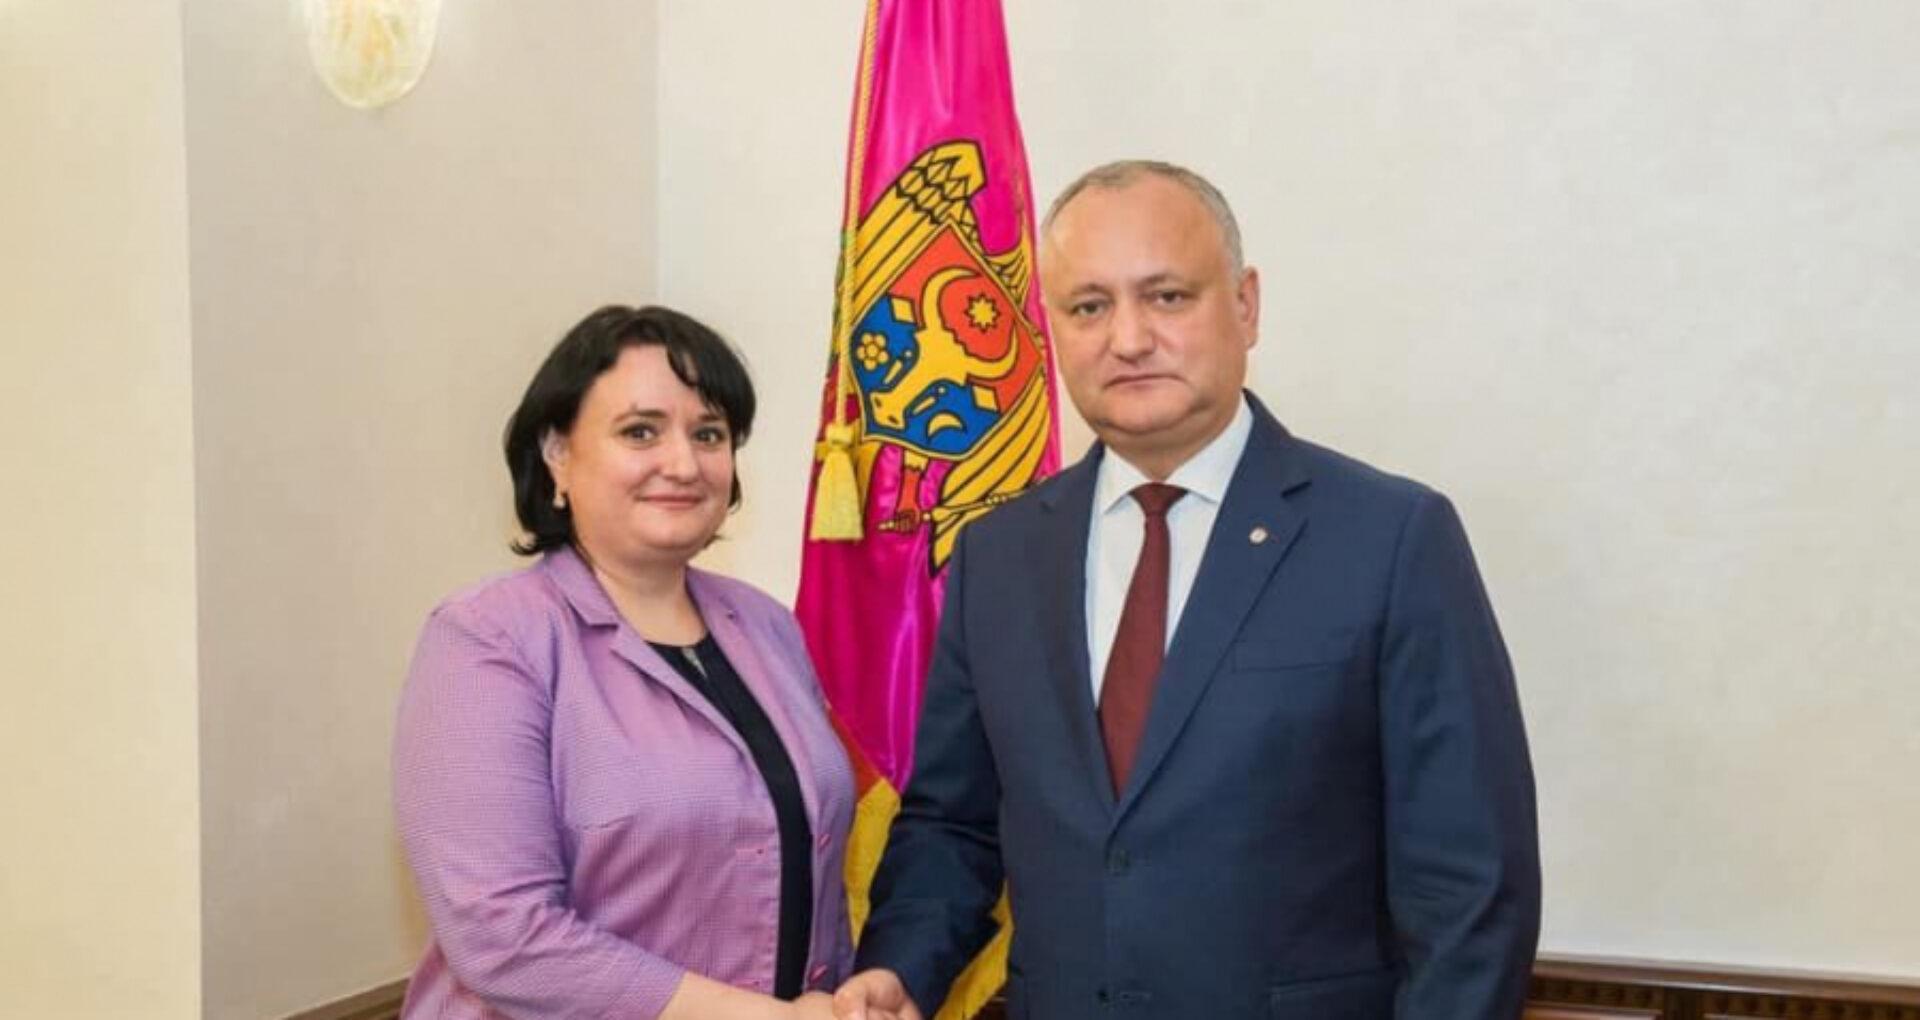 """Președintele Dodon despre ministra Sănătății: """"R. Moldova a trecut de vârful epidemiei. O să o înaintez pe Viorica Dumbrăveanu la o distincție de stat, Gloria Muncii"""""""